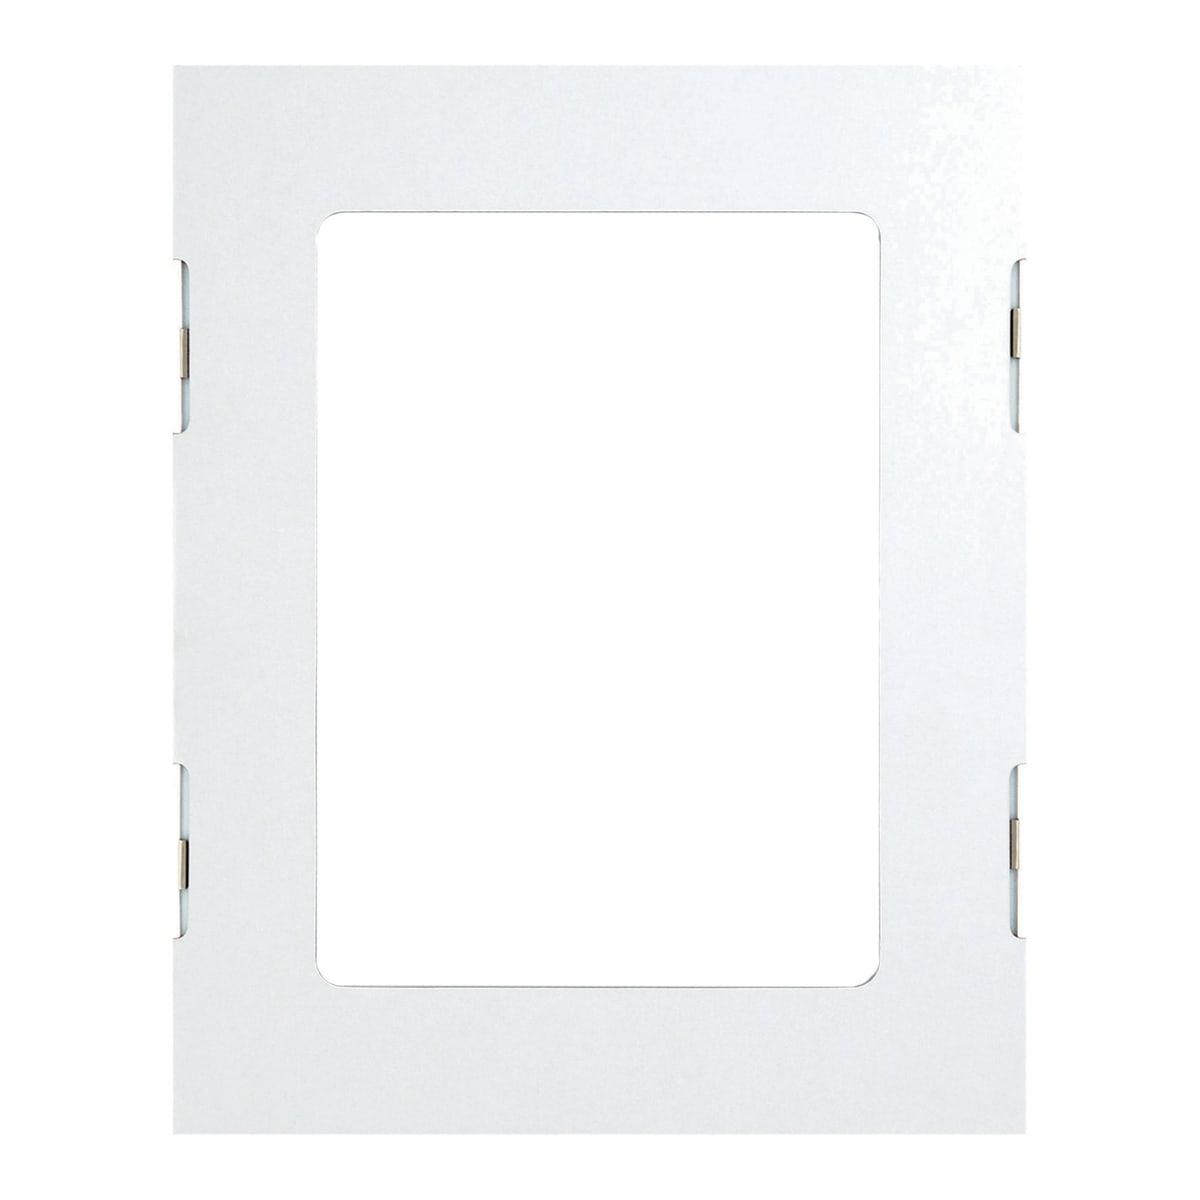 Cornici A Giorno - Cornici E Decoro Muro - Decorazione pour Plexiglass Brico